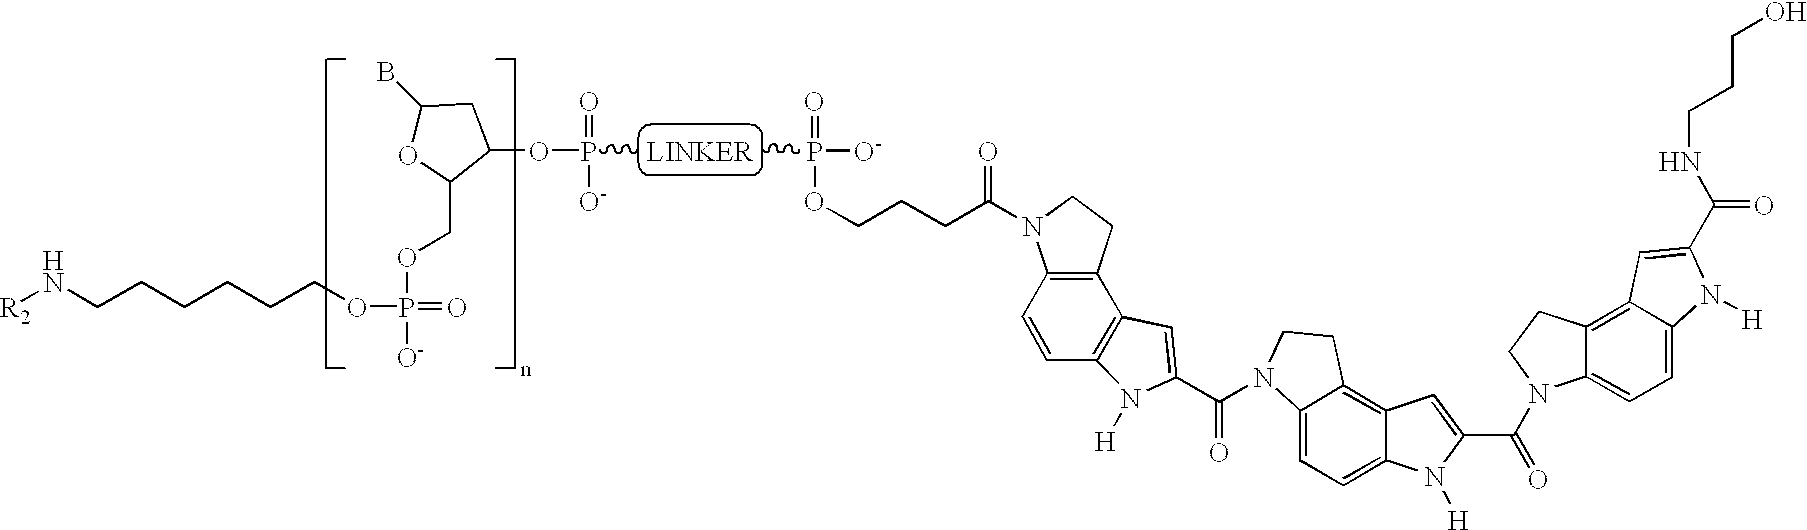 Figure US06727356-20040427-C00017